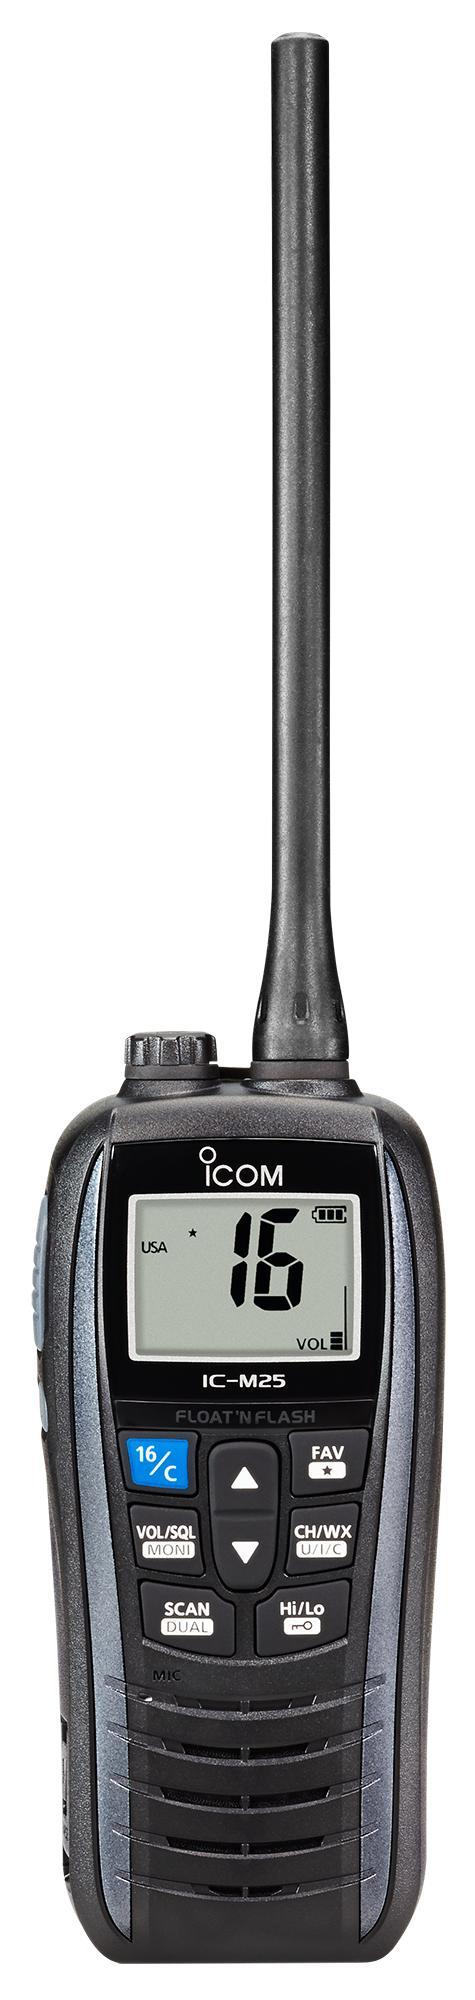 Icom IC-M25 (grå)